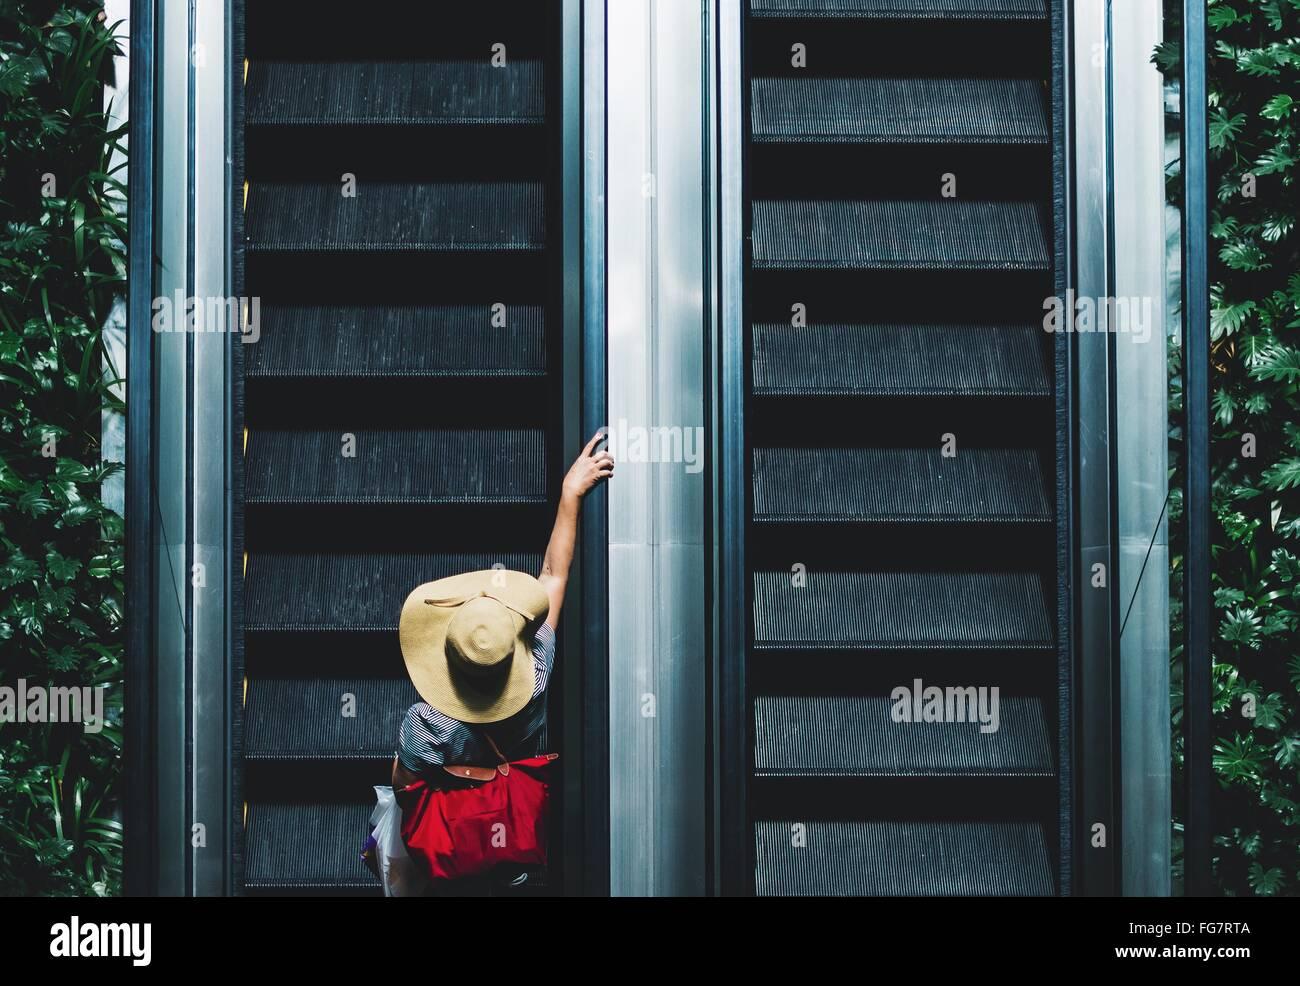 Un alto ángulo de visualización de la persona en la escalera mecánica Imagen De Stock